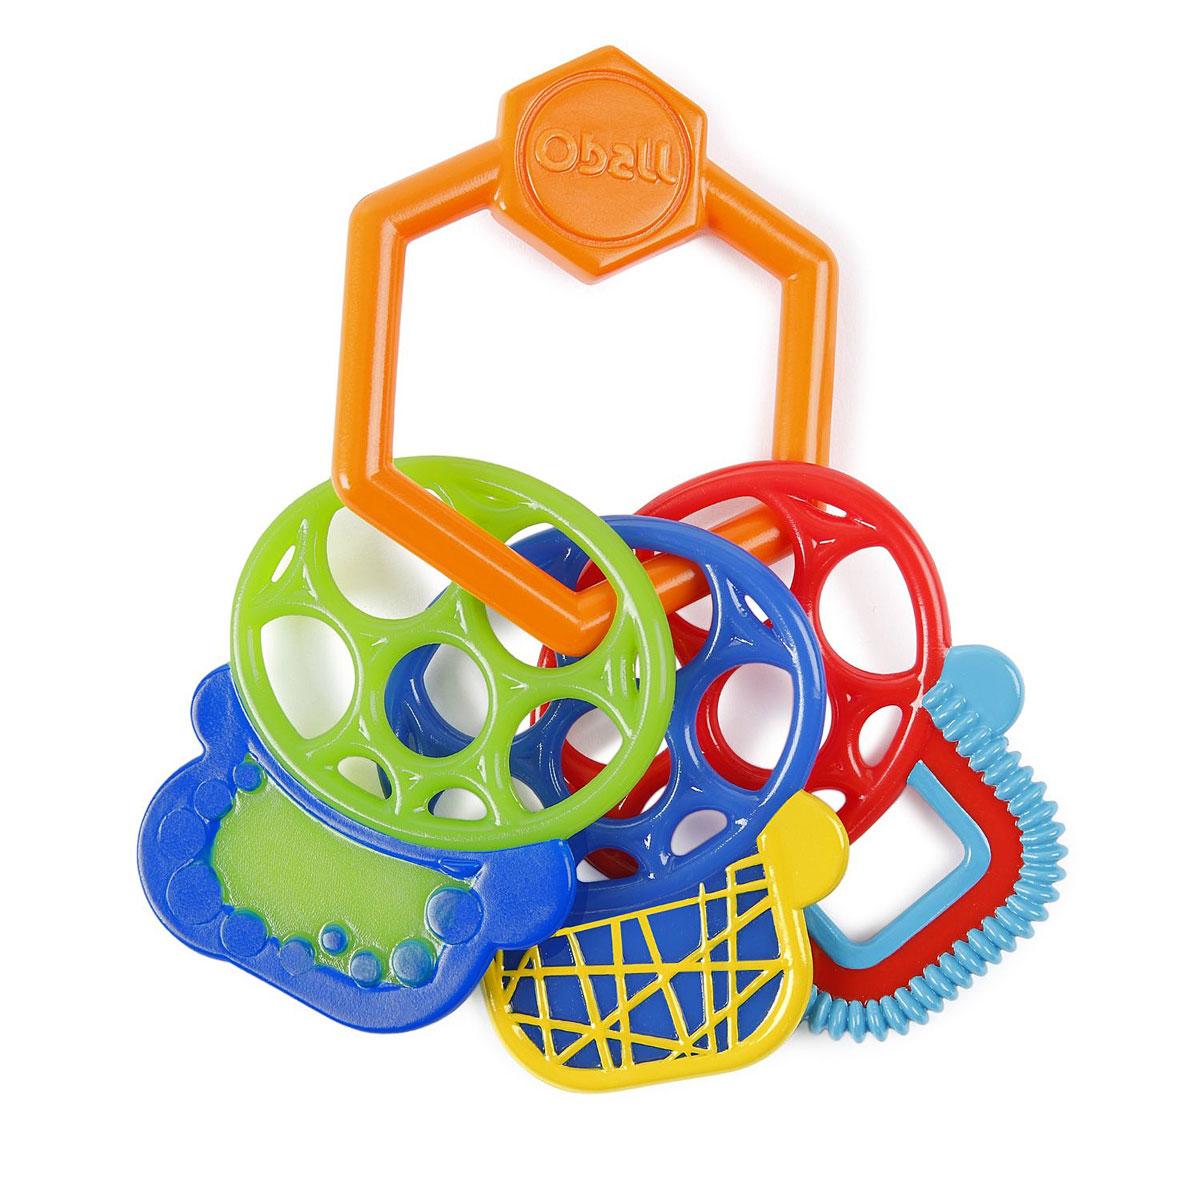 Oball Прорезыватель Разноцветные ключики81523Прорезыватель Oball Разноцветные ключики выполнен в ярком красочном дизайне и полностью безопасен для ребенка, так как не имеет острых углов и мелких деталей. Прорезыватель выполнен в виде связки ключей оригинальной формы. Подвесные разнофактурные элементы изготовлены из цветного мягкого пластика. Прорезыватель удобно держать маленькими ручками. Не содержит бисфенол А.